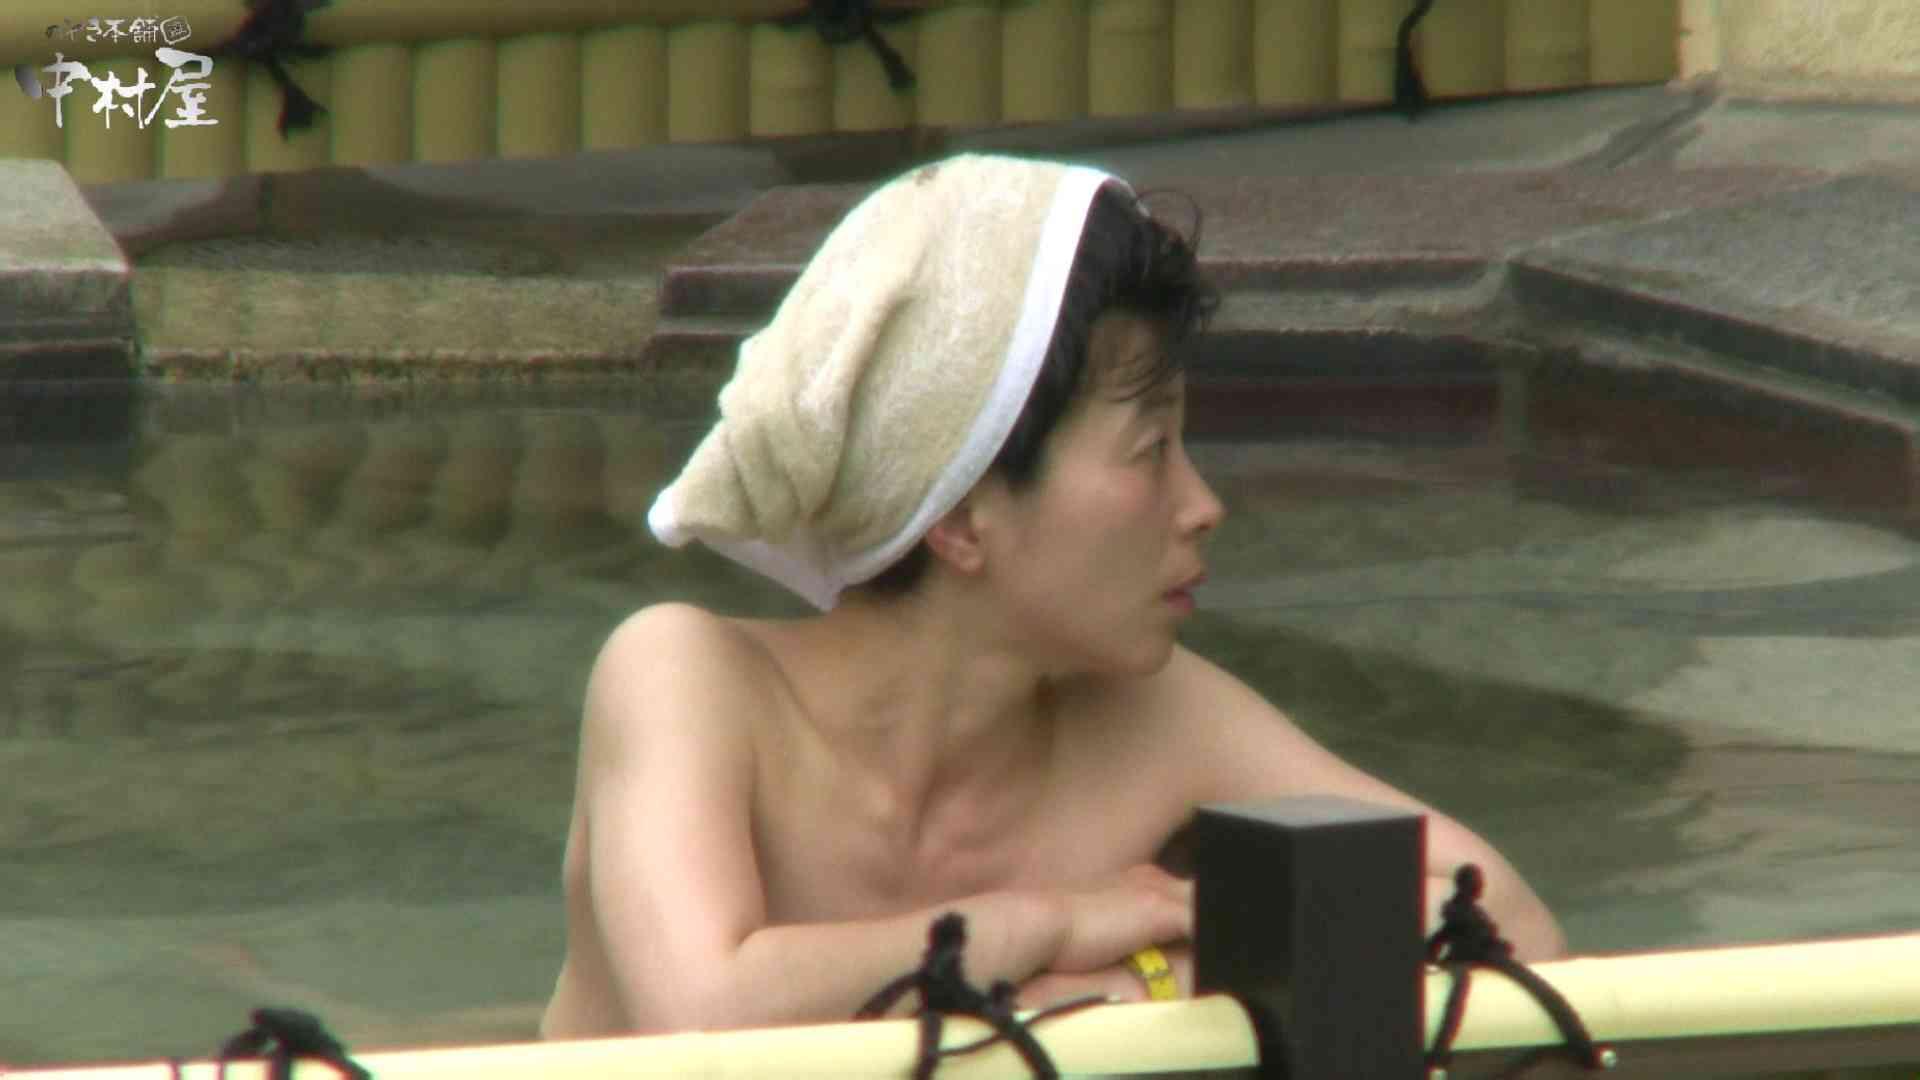 Aquaな露天風呂Vol.950 OLのエロ生活 覗きおまんこ画像 107連発 107